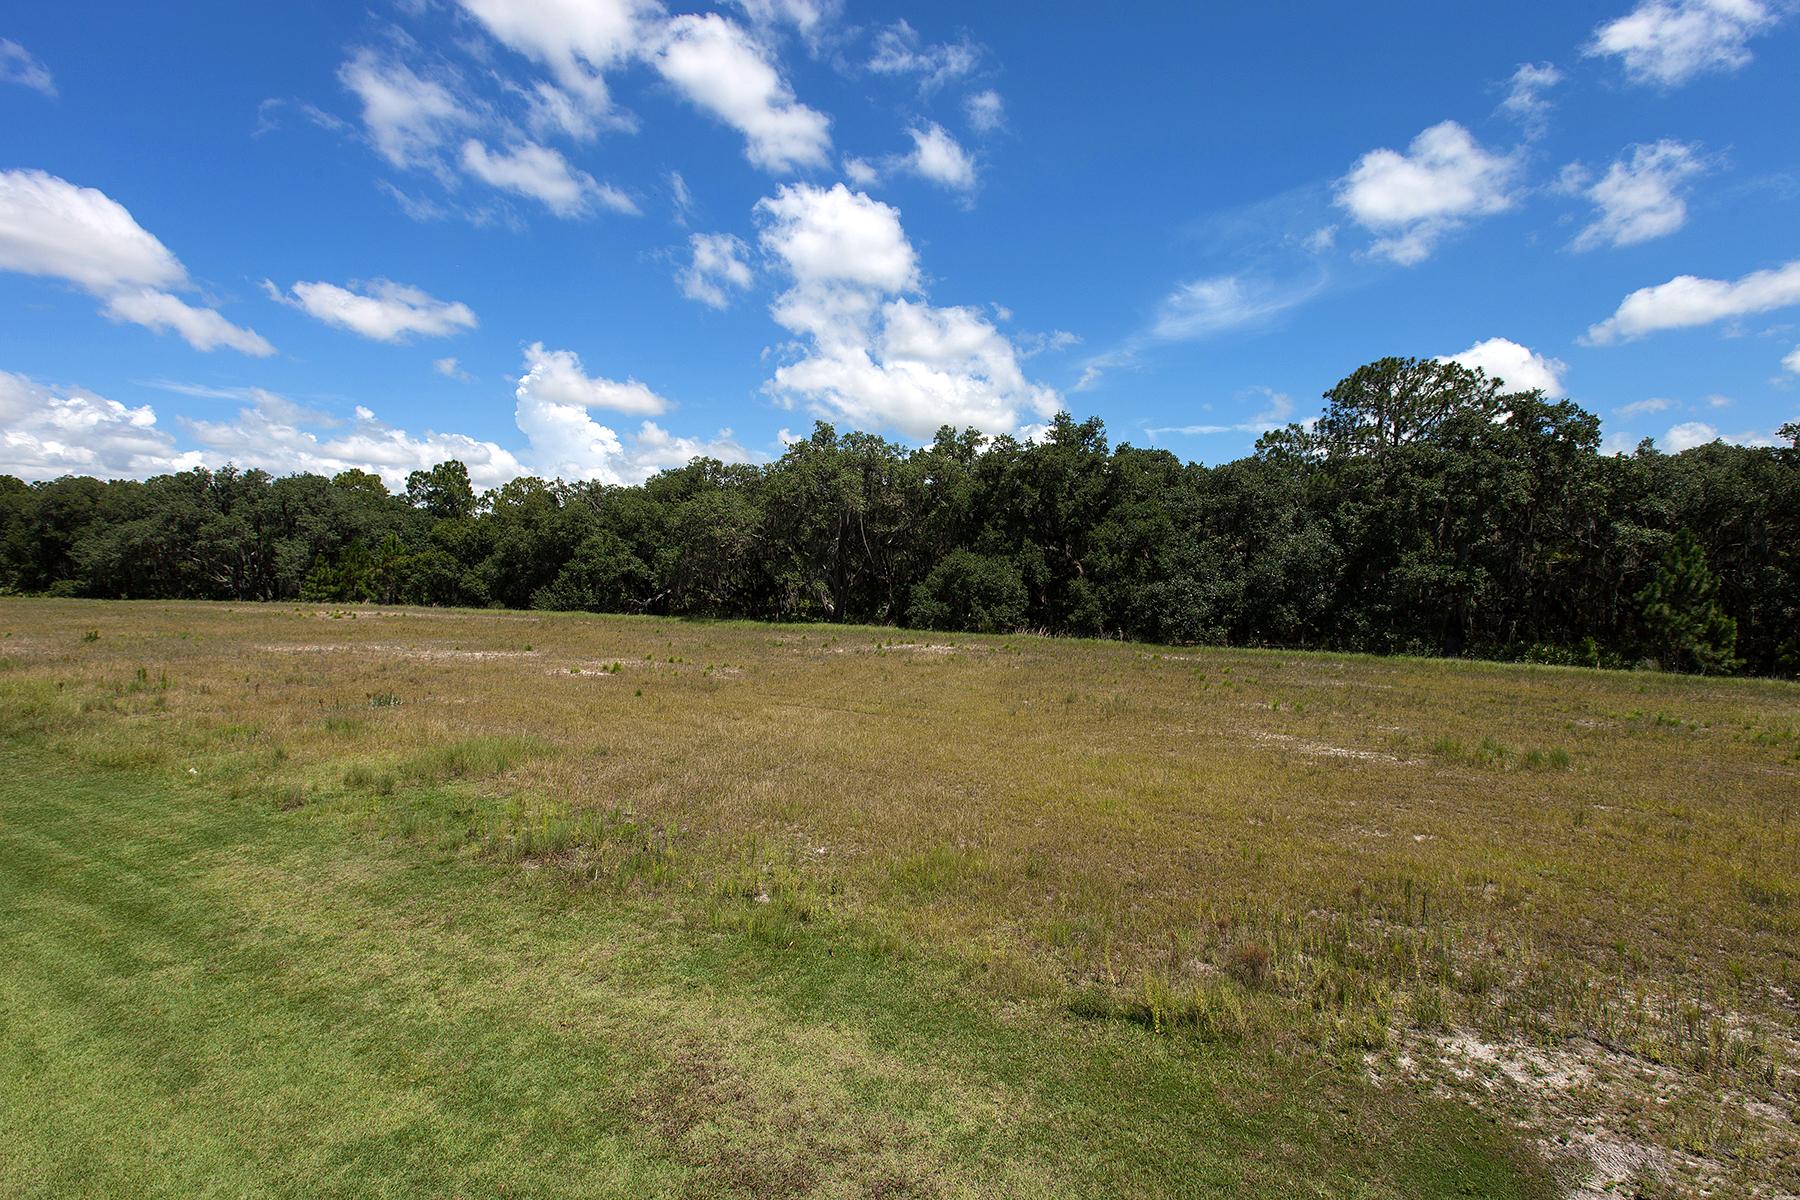 Terreno por un Venta en CONCESSION 19431 Beacon Park Pl 9 Lakewood Ranch, Florida, 34202 Estados Unidos